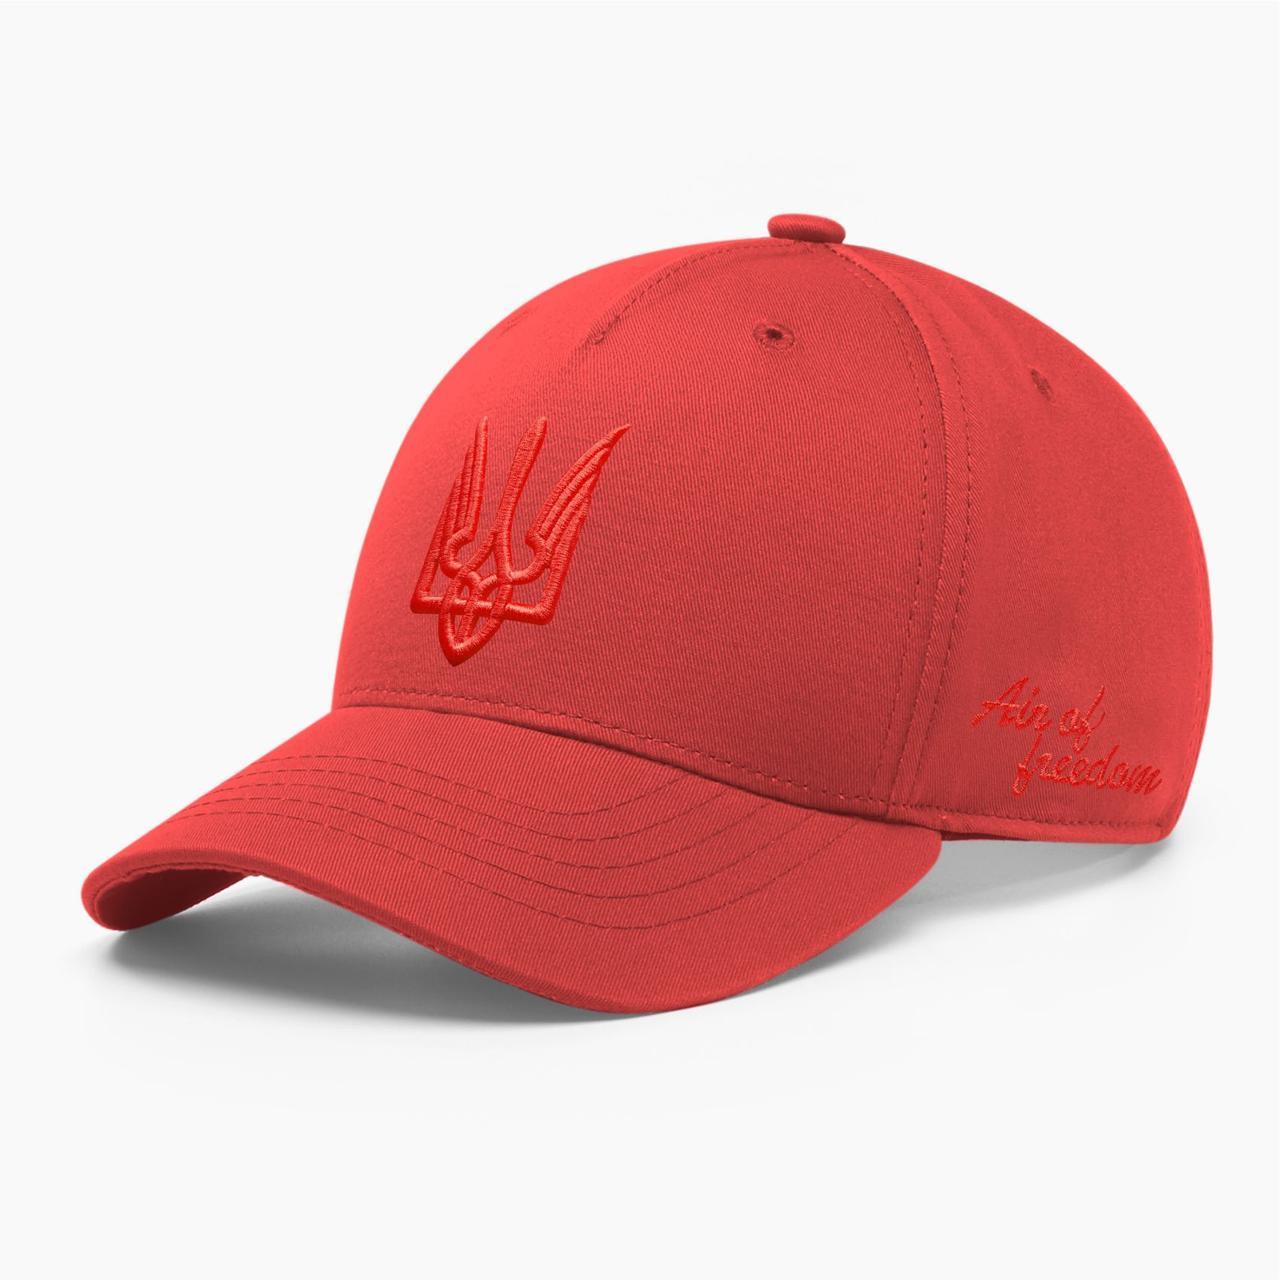 Кепка бейсболка мужская INAL с тризубом стилизованным S / 53-54 RU Красный 209853